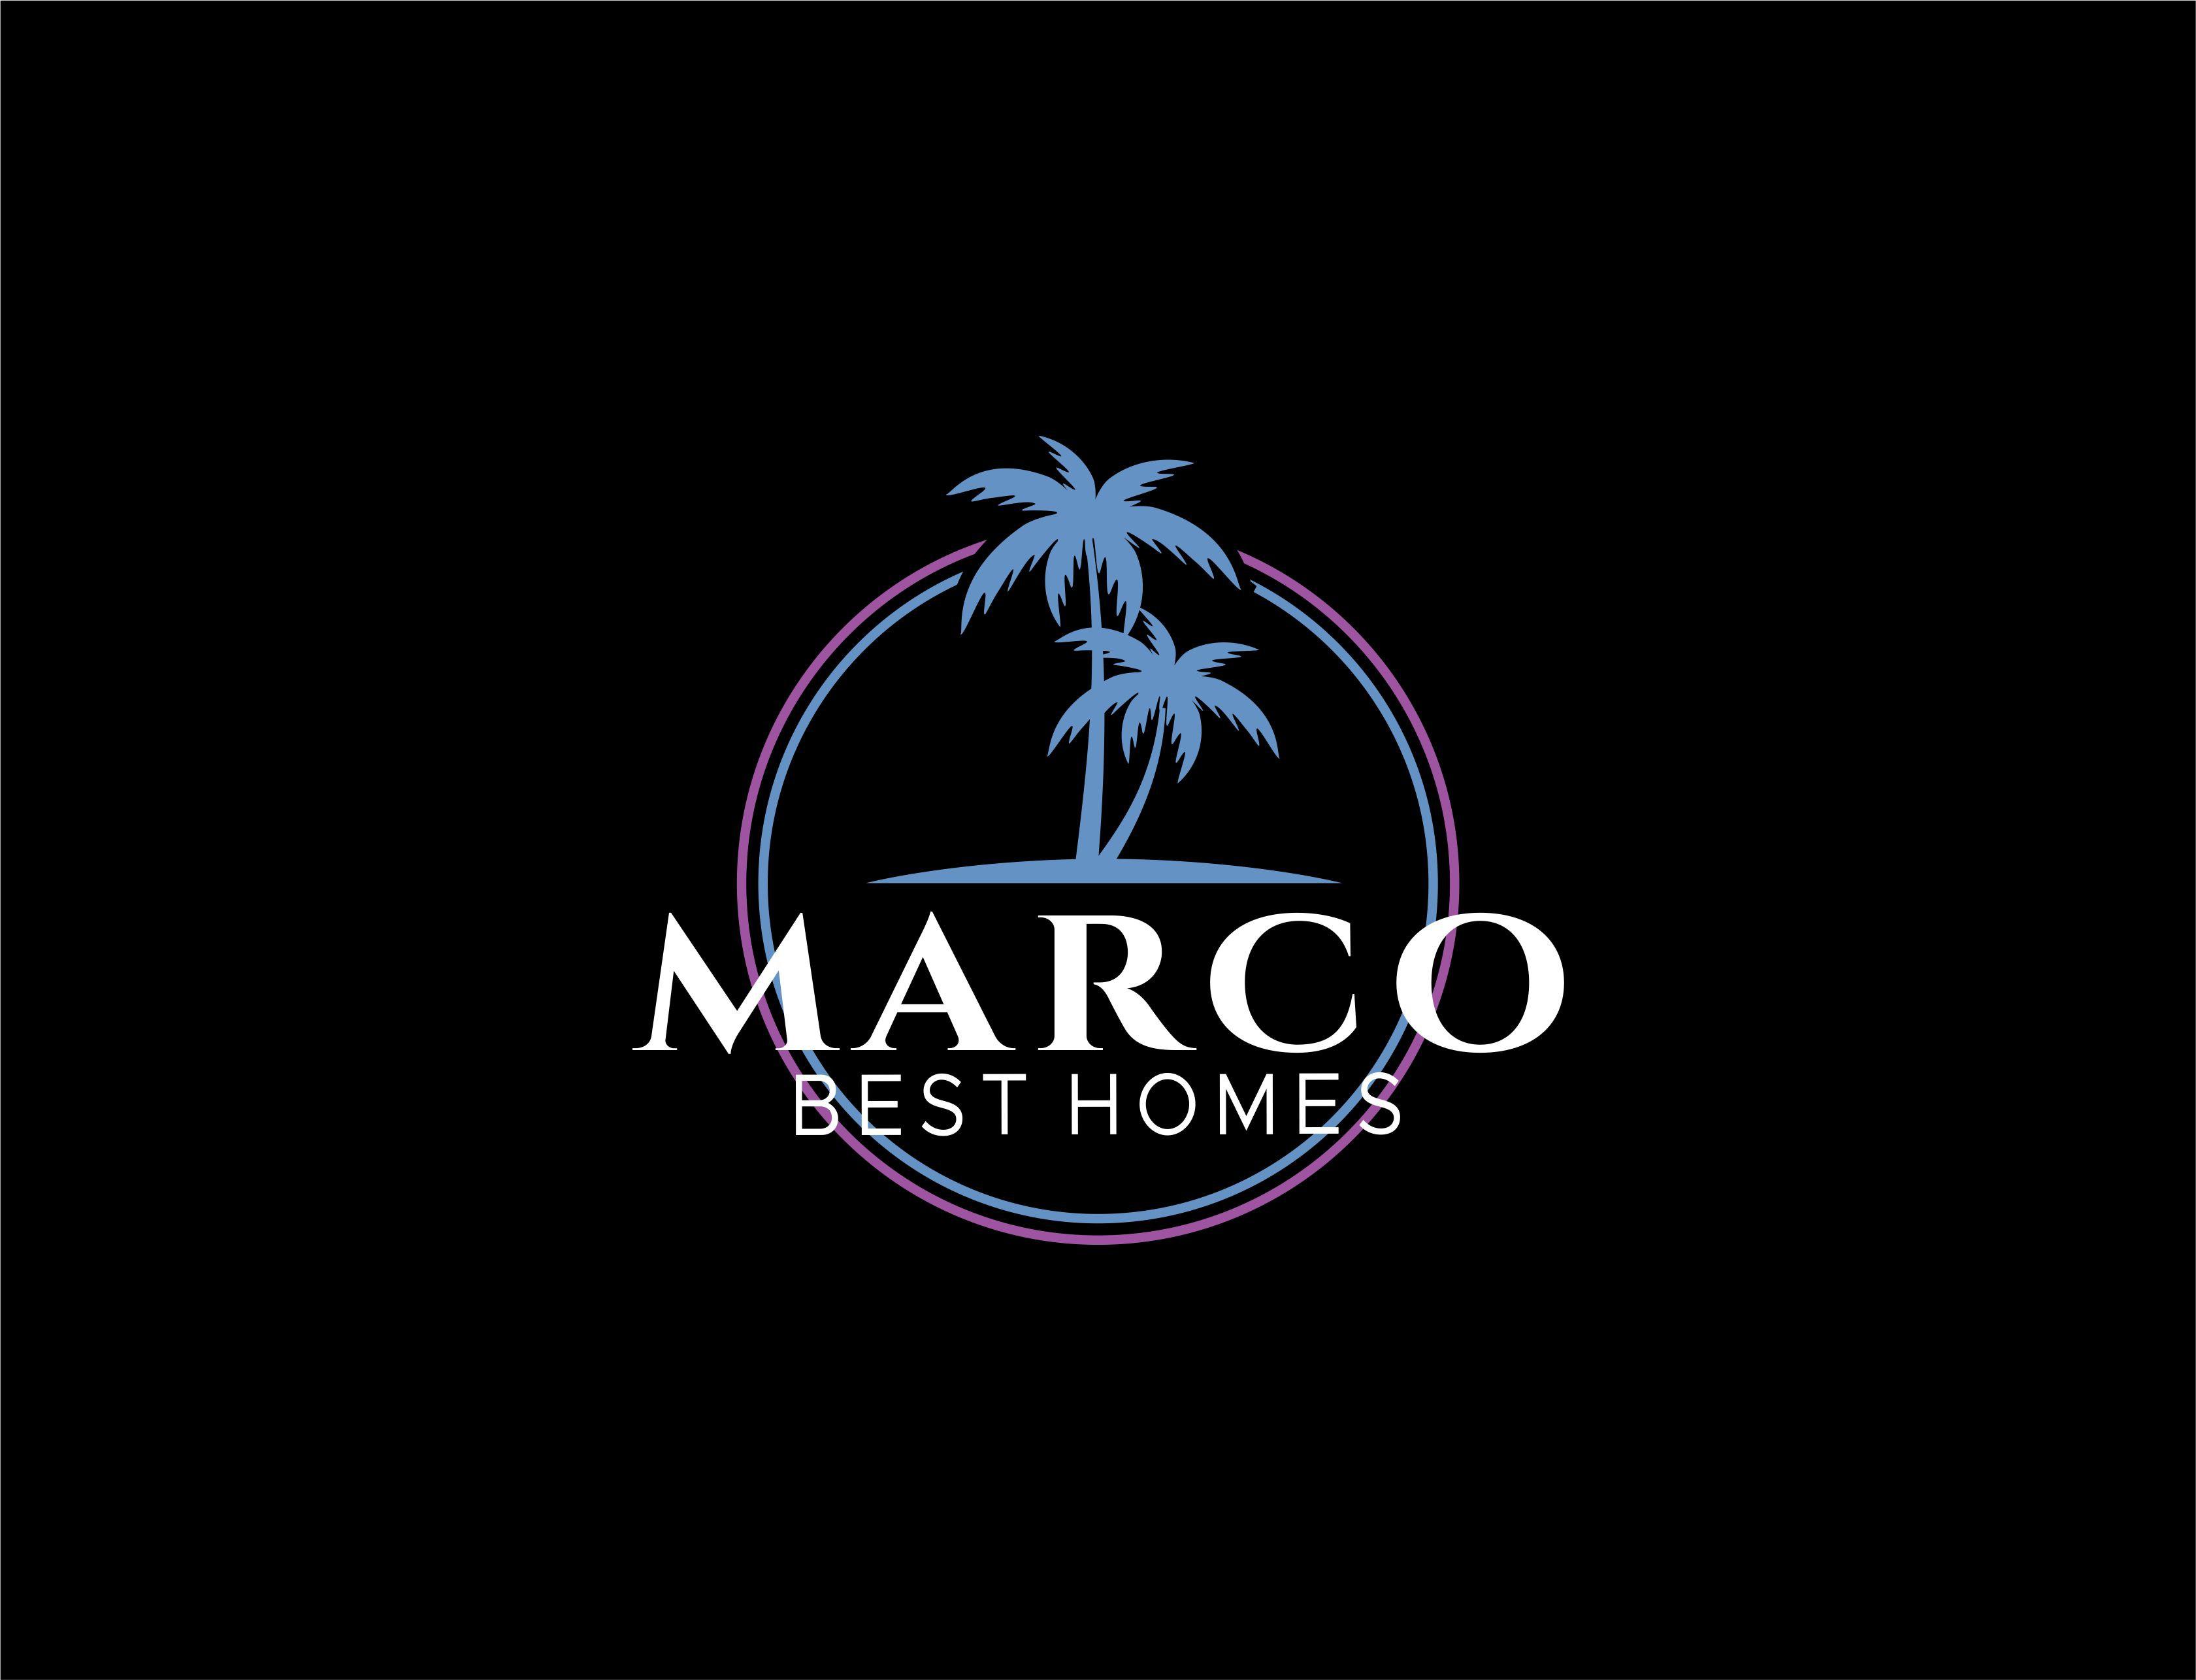 I want a power logo like Miami Vice